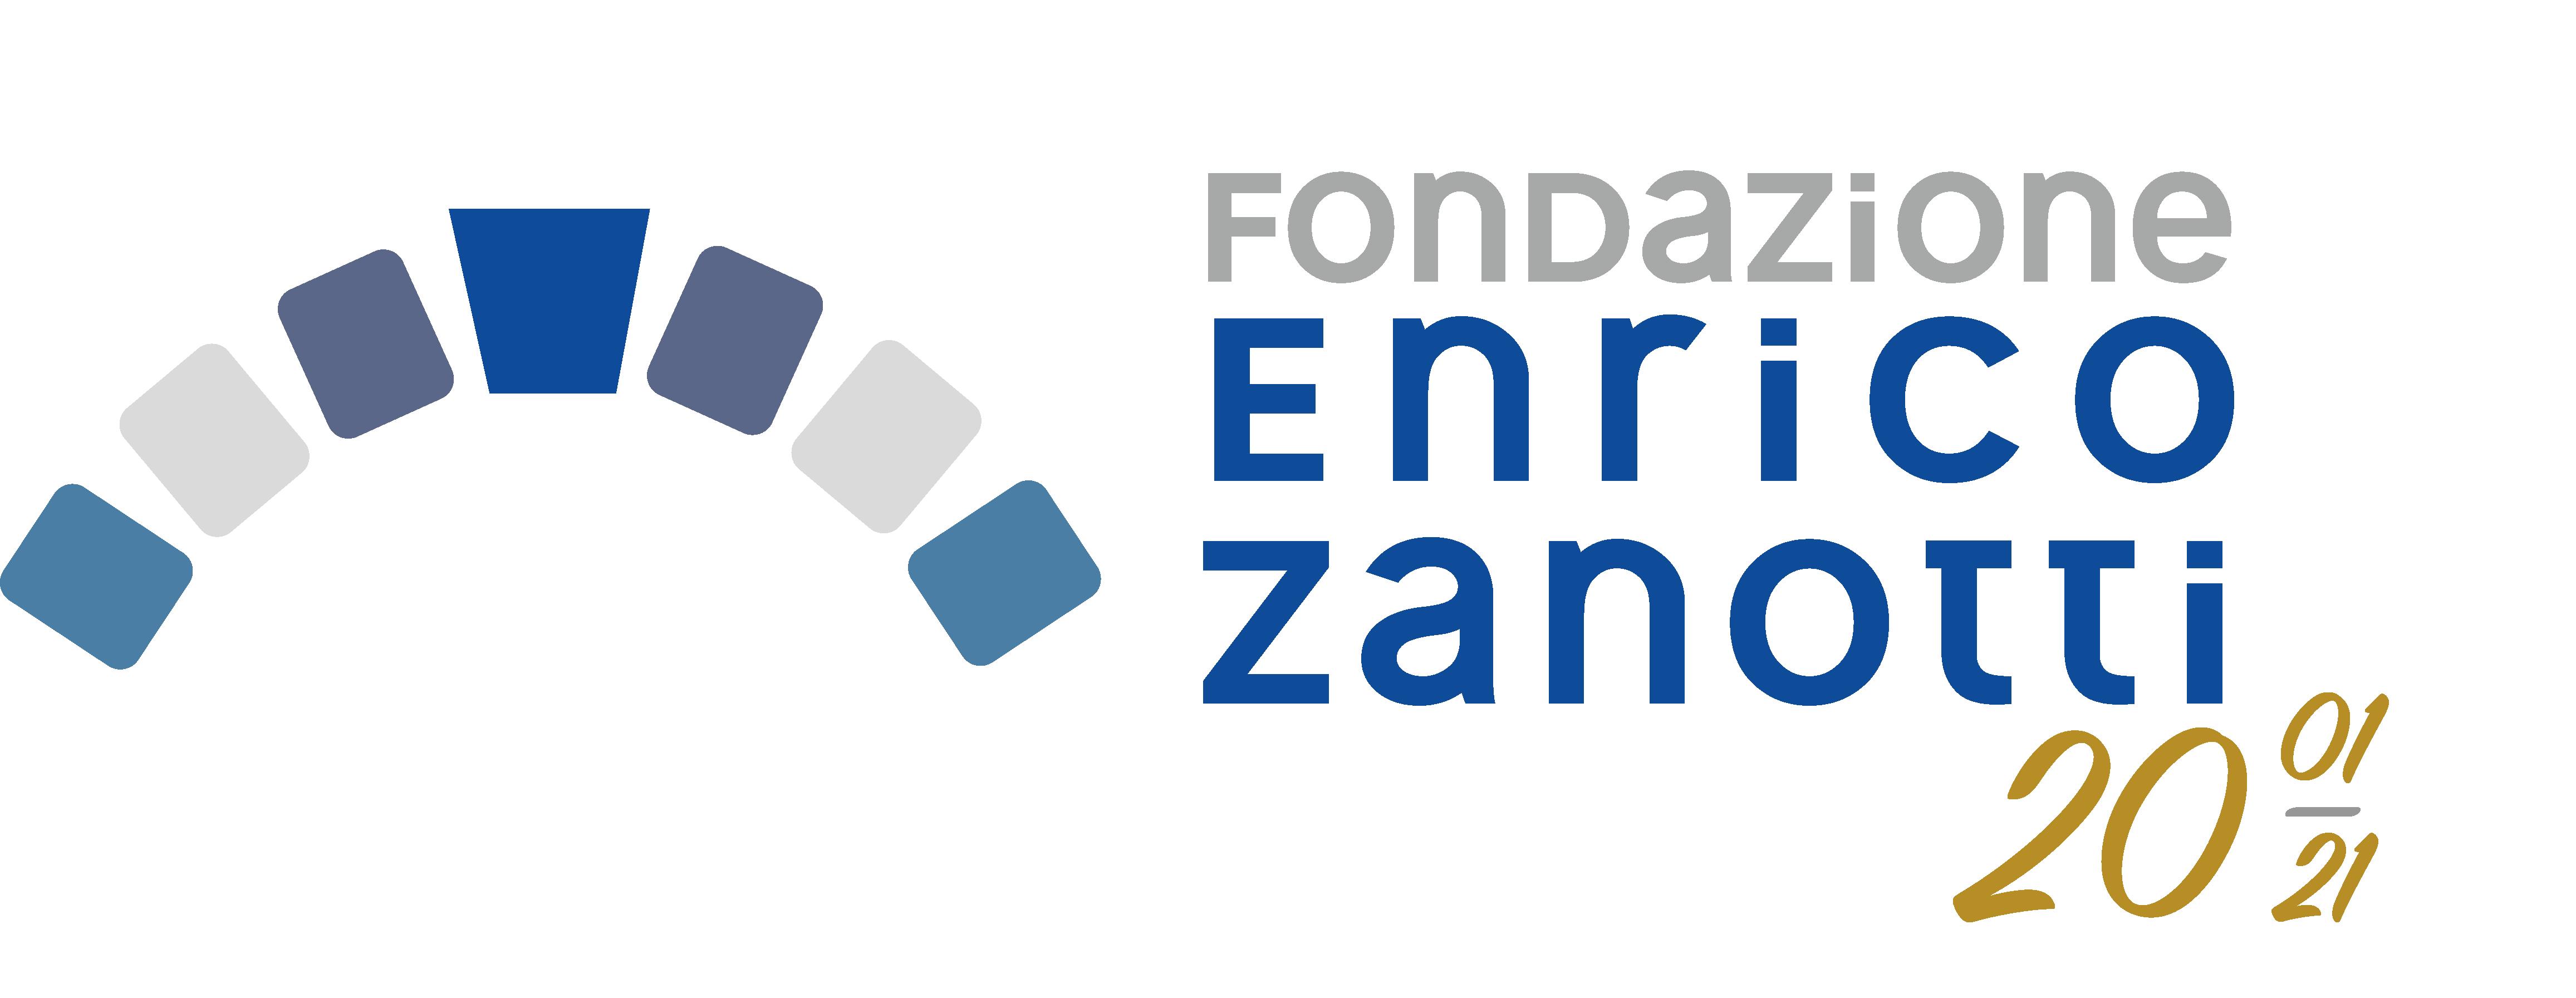 Fondazione Enrico Zanotti